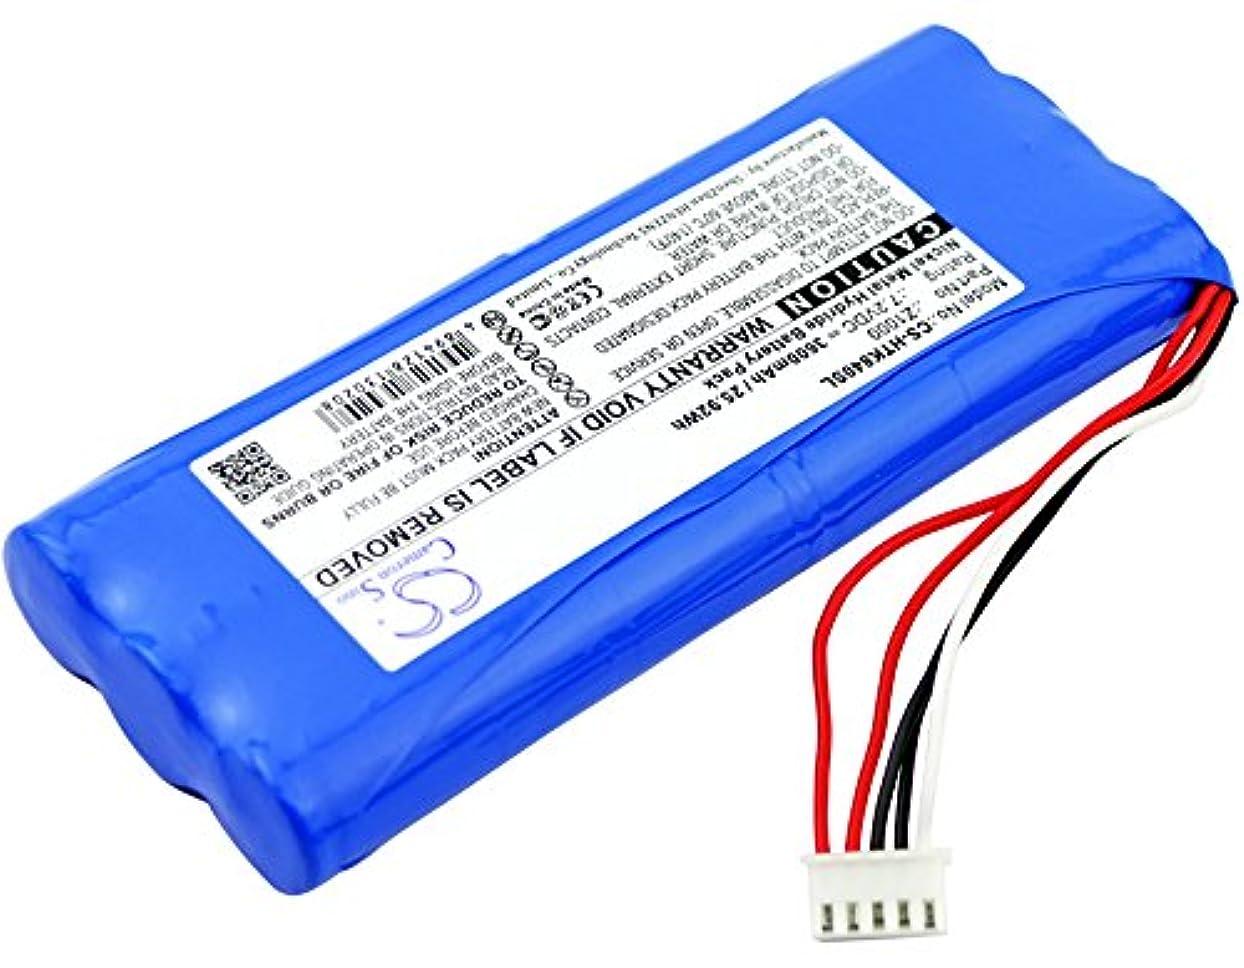 同様のオープナー腫瘍HIOKI (日置電機) Z1000 LR8400 MR8880-20 対応交換用電池